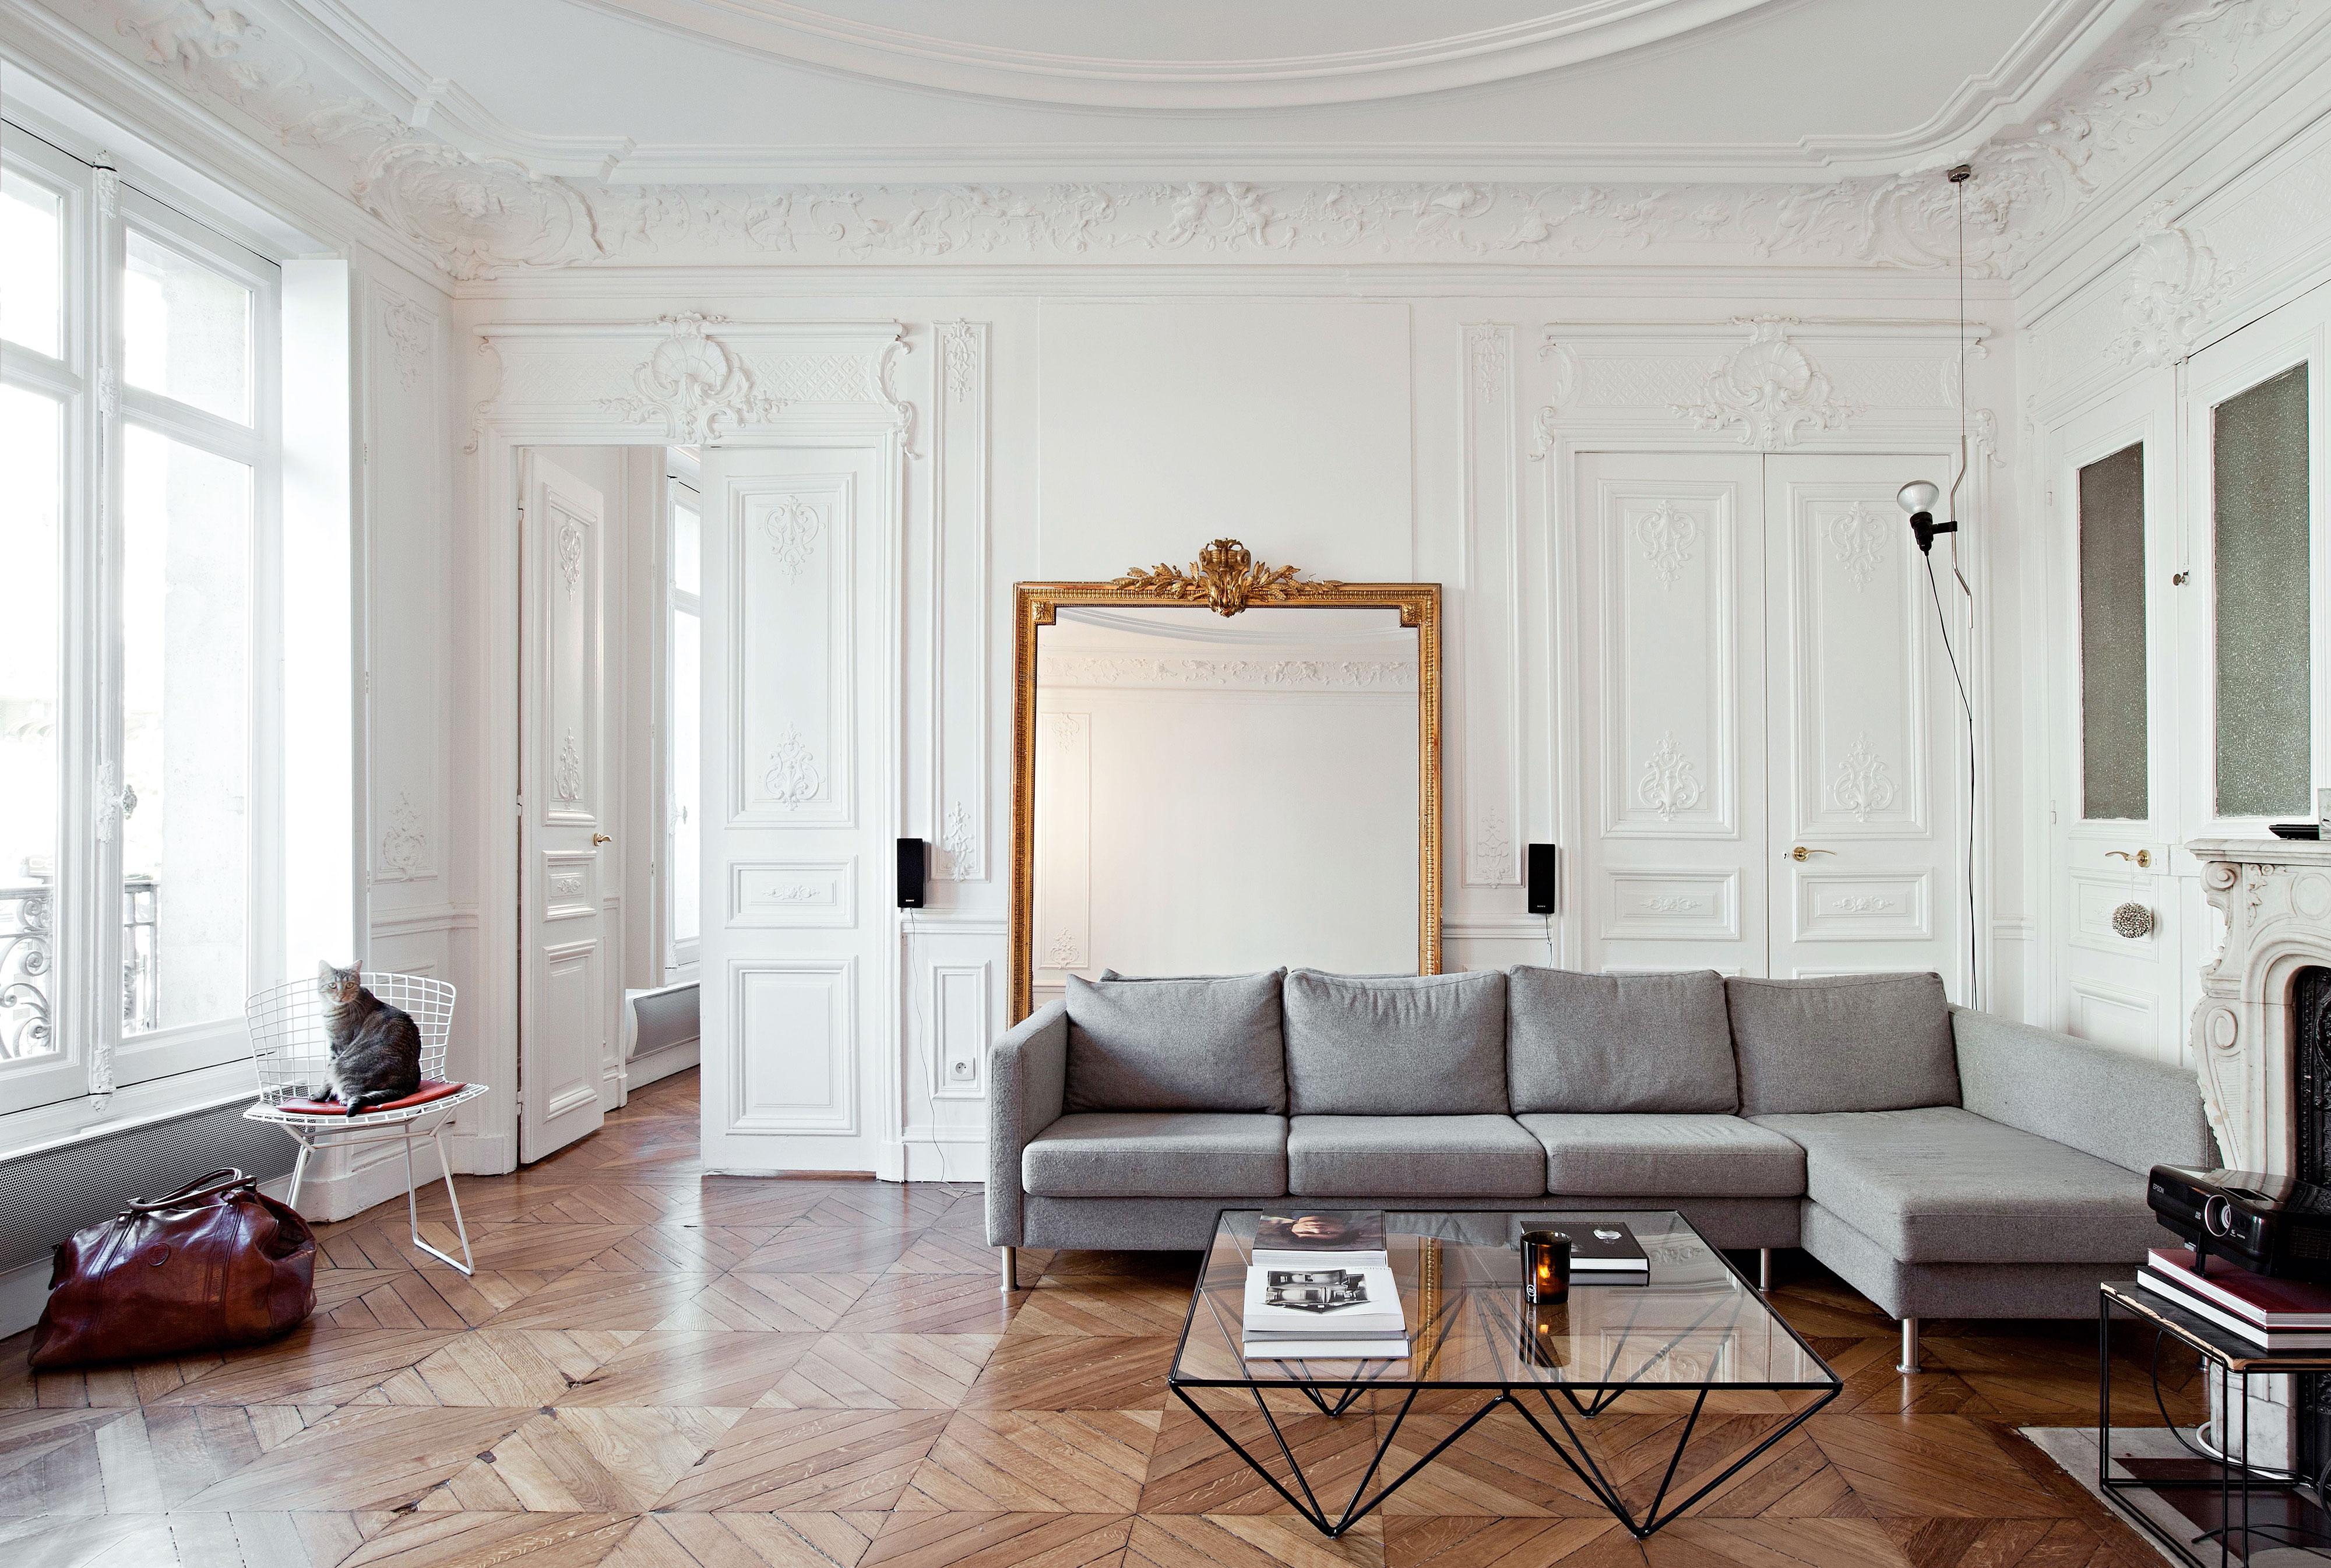 Idee Per Posizionare Mensole dove mettere uno specchio in casa - livingcorriere